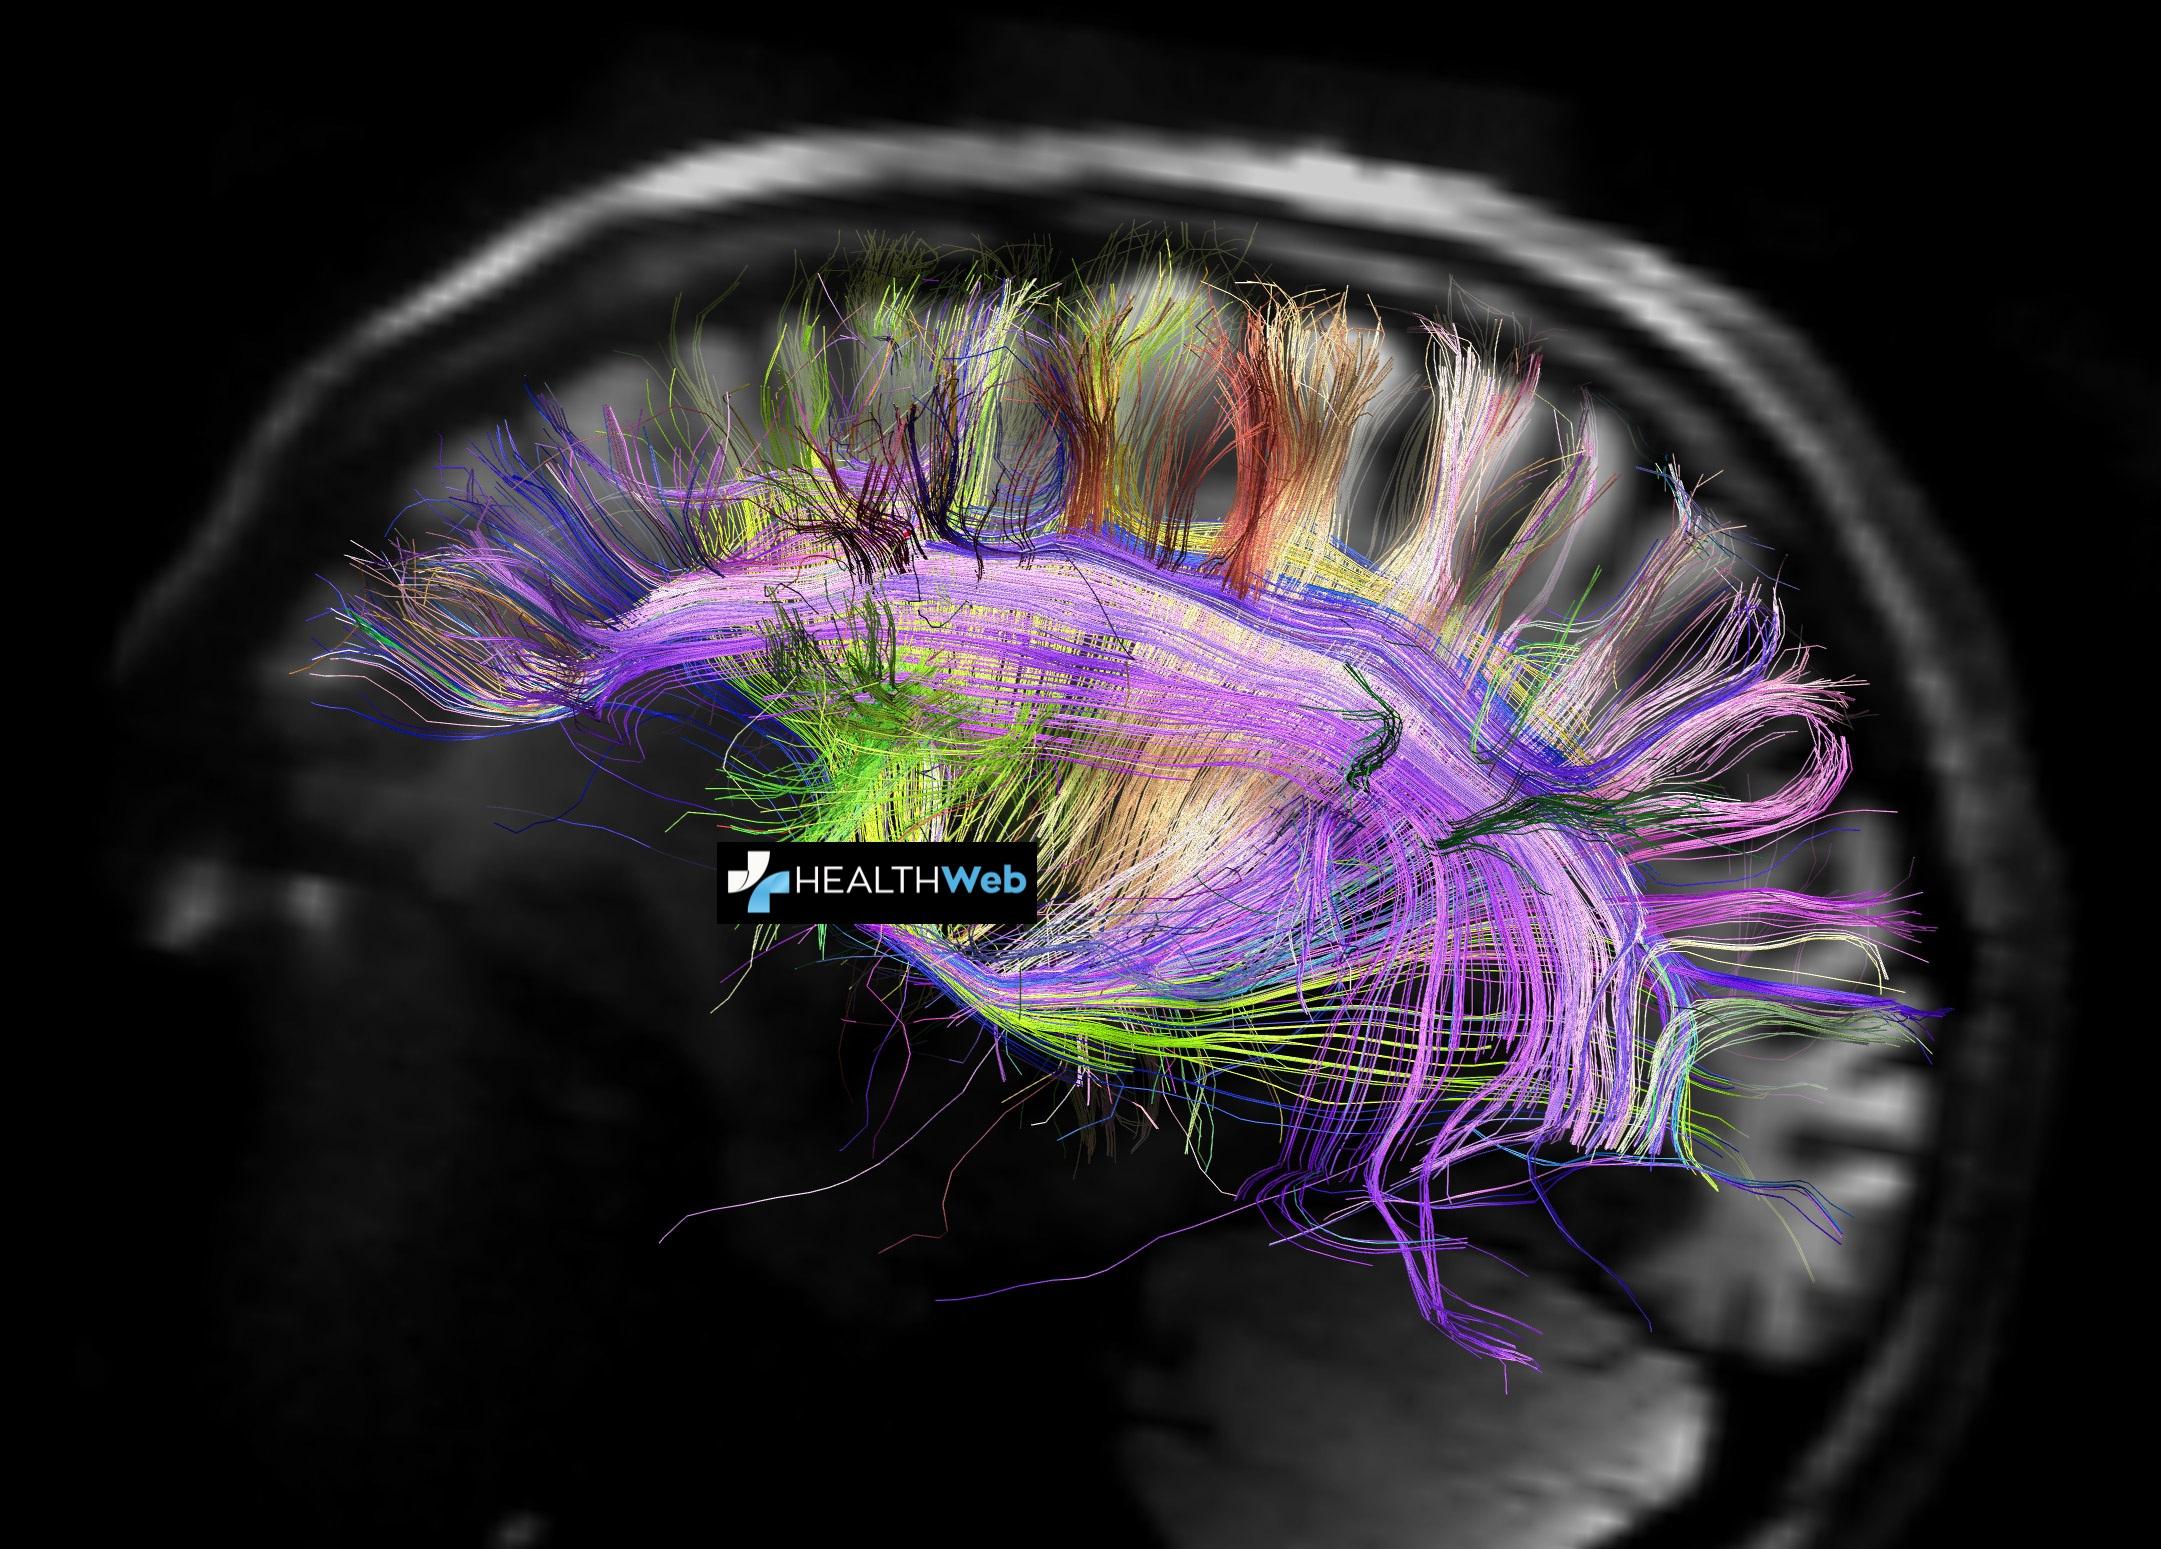 Πως η μαγνητική τομογραφία βοηθά τους ερευνητές στην κατανόηση του εγκεφάλου;